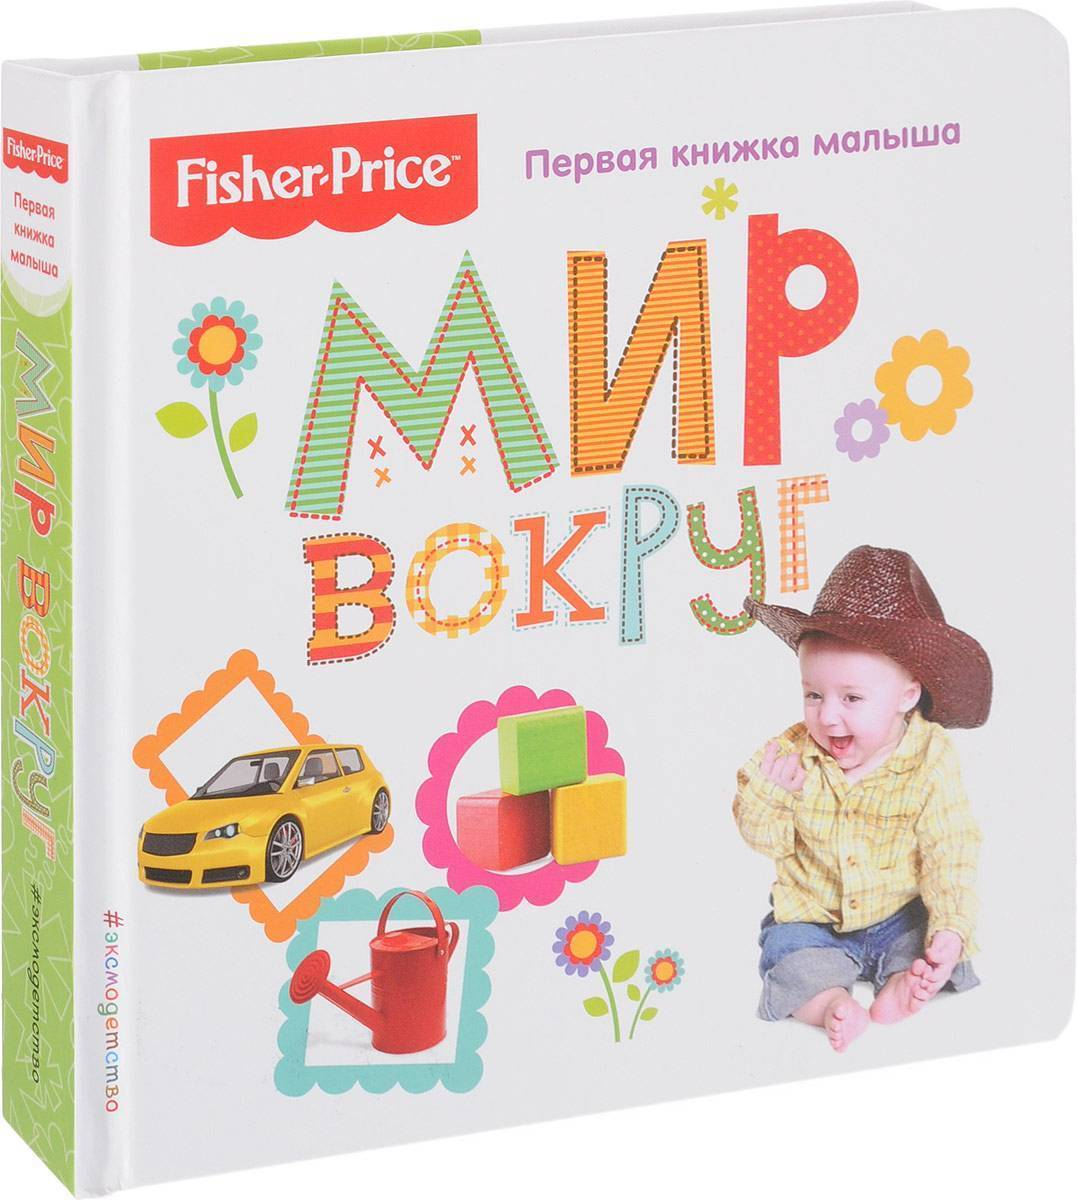 Развивающие книги для детей: в 1-2 года, от 0 до 1 года | konstruktor-diety.ru